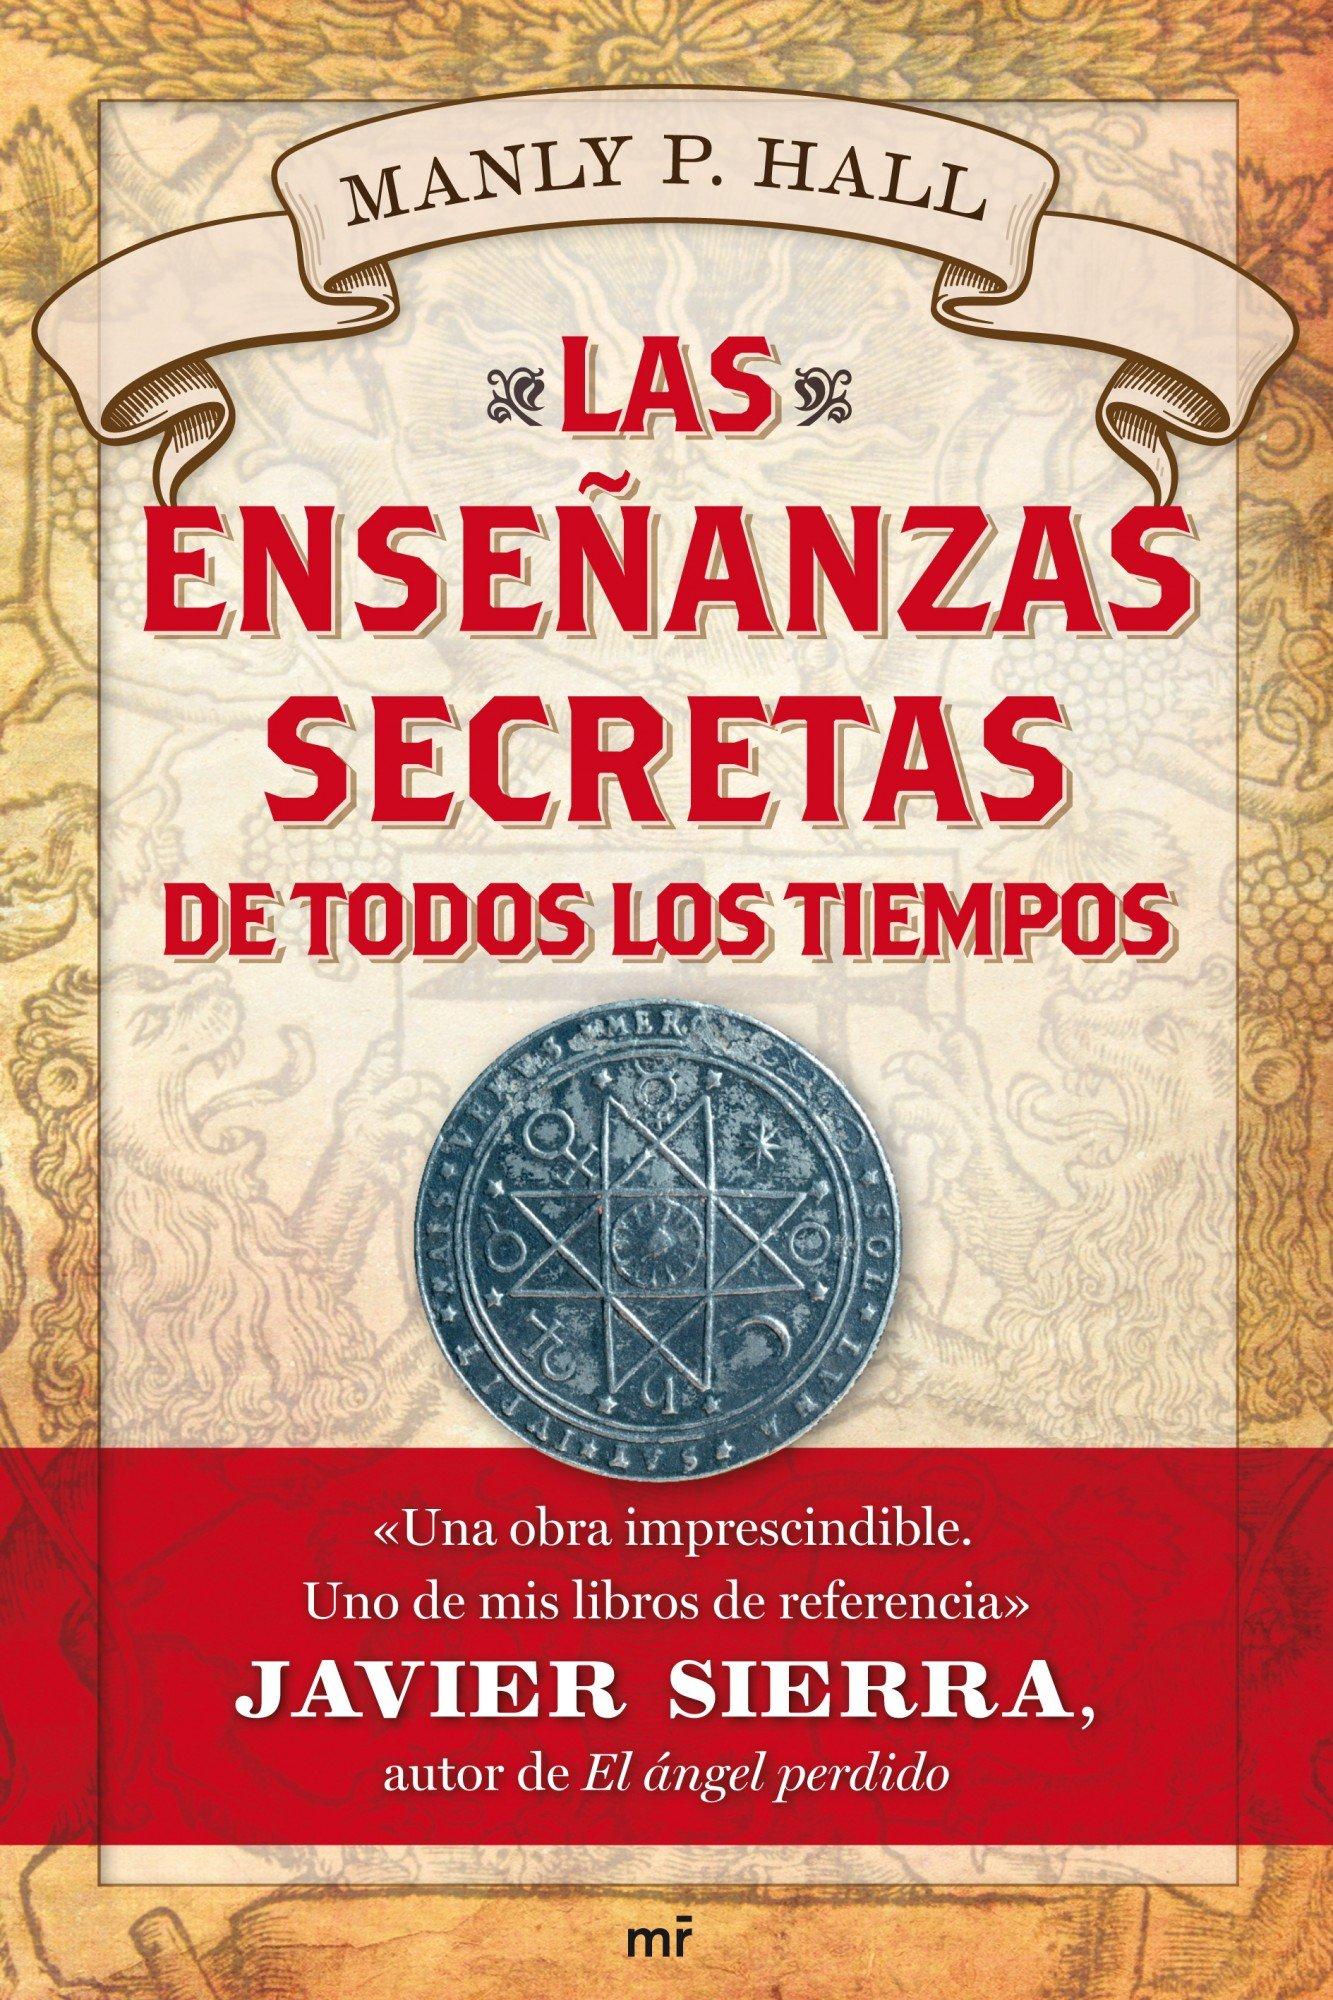 Las enseñanzas secretas de todos los tiempos MR Dimensiones: Amazon.es:  Manly P. Hall, Alejandra Devoto: Libros